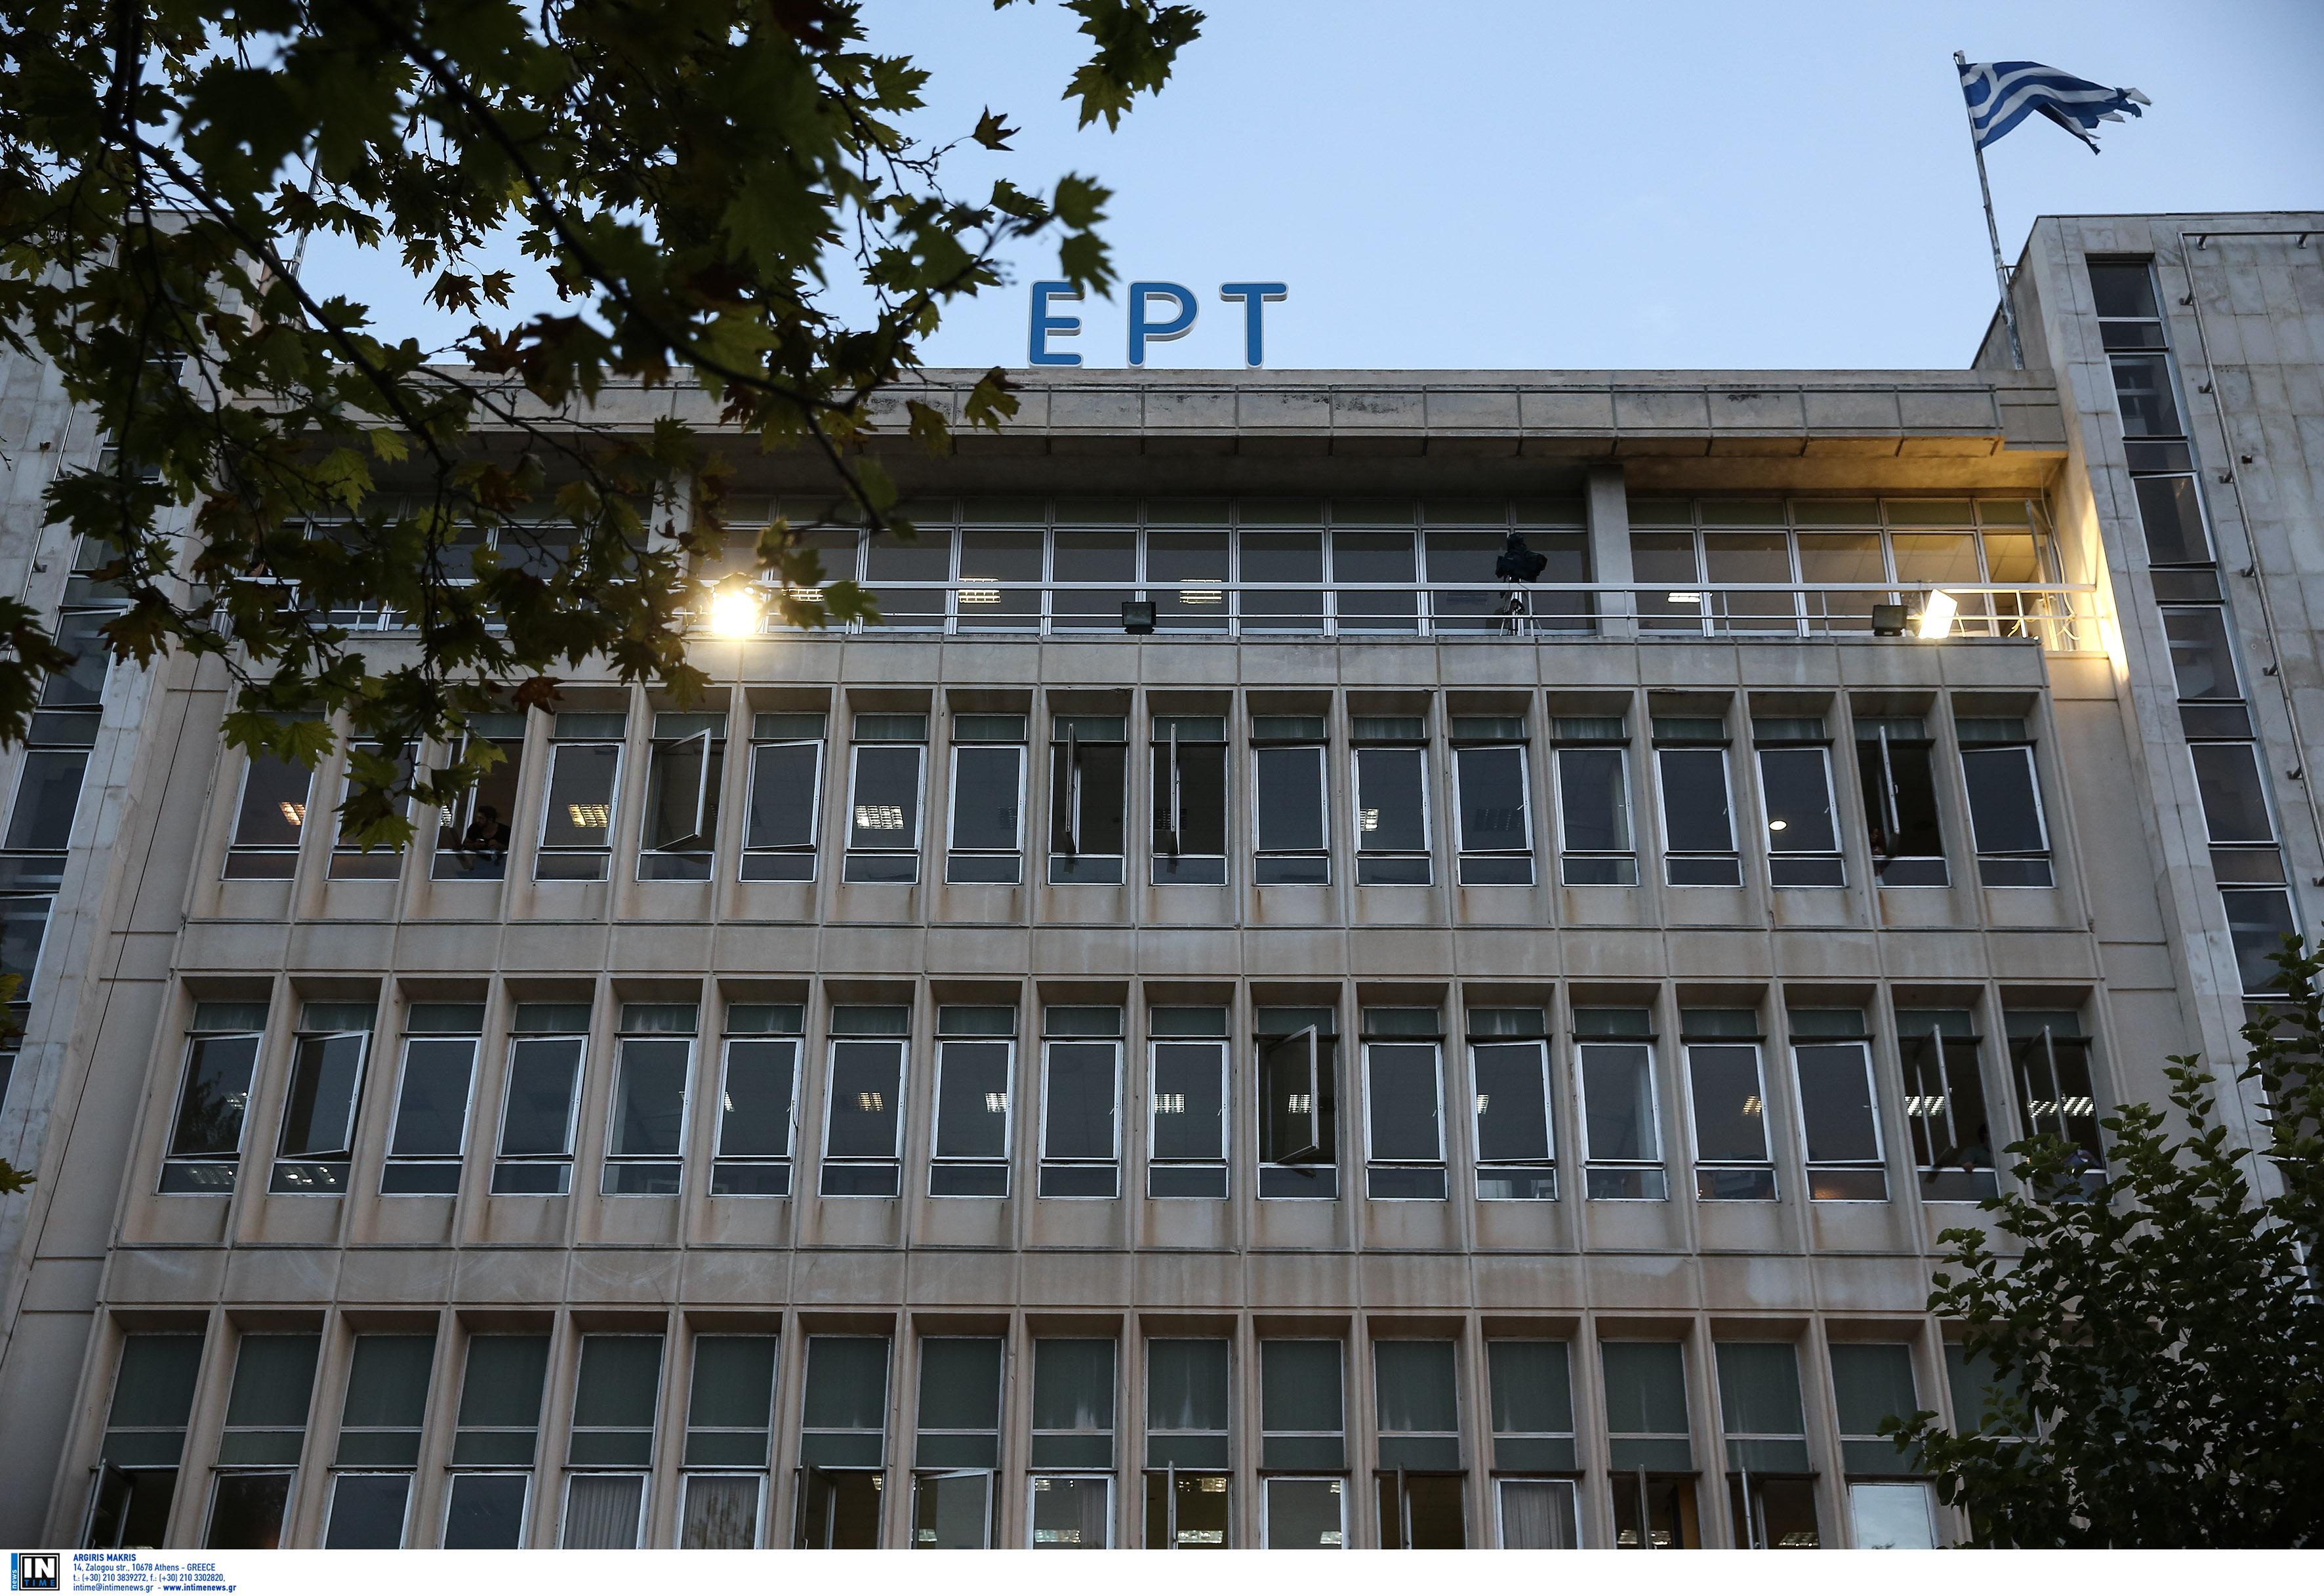 ΕΡΤ: «Ελευθερία του λόγου, αλλά…» | Newsit.gr